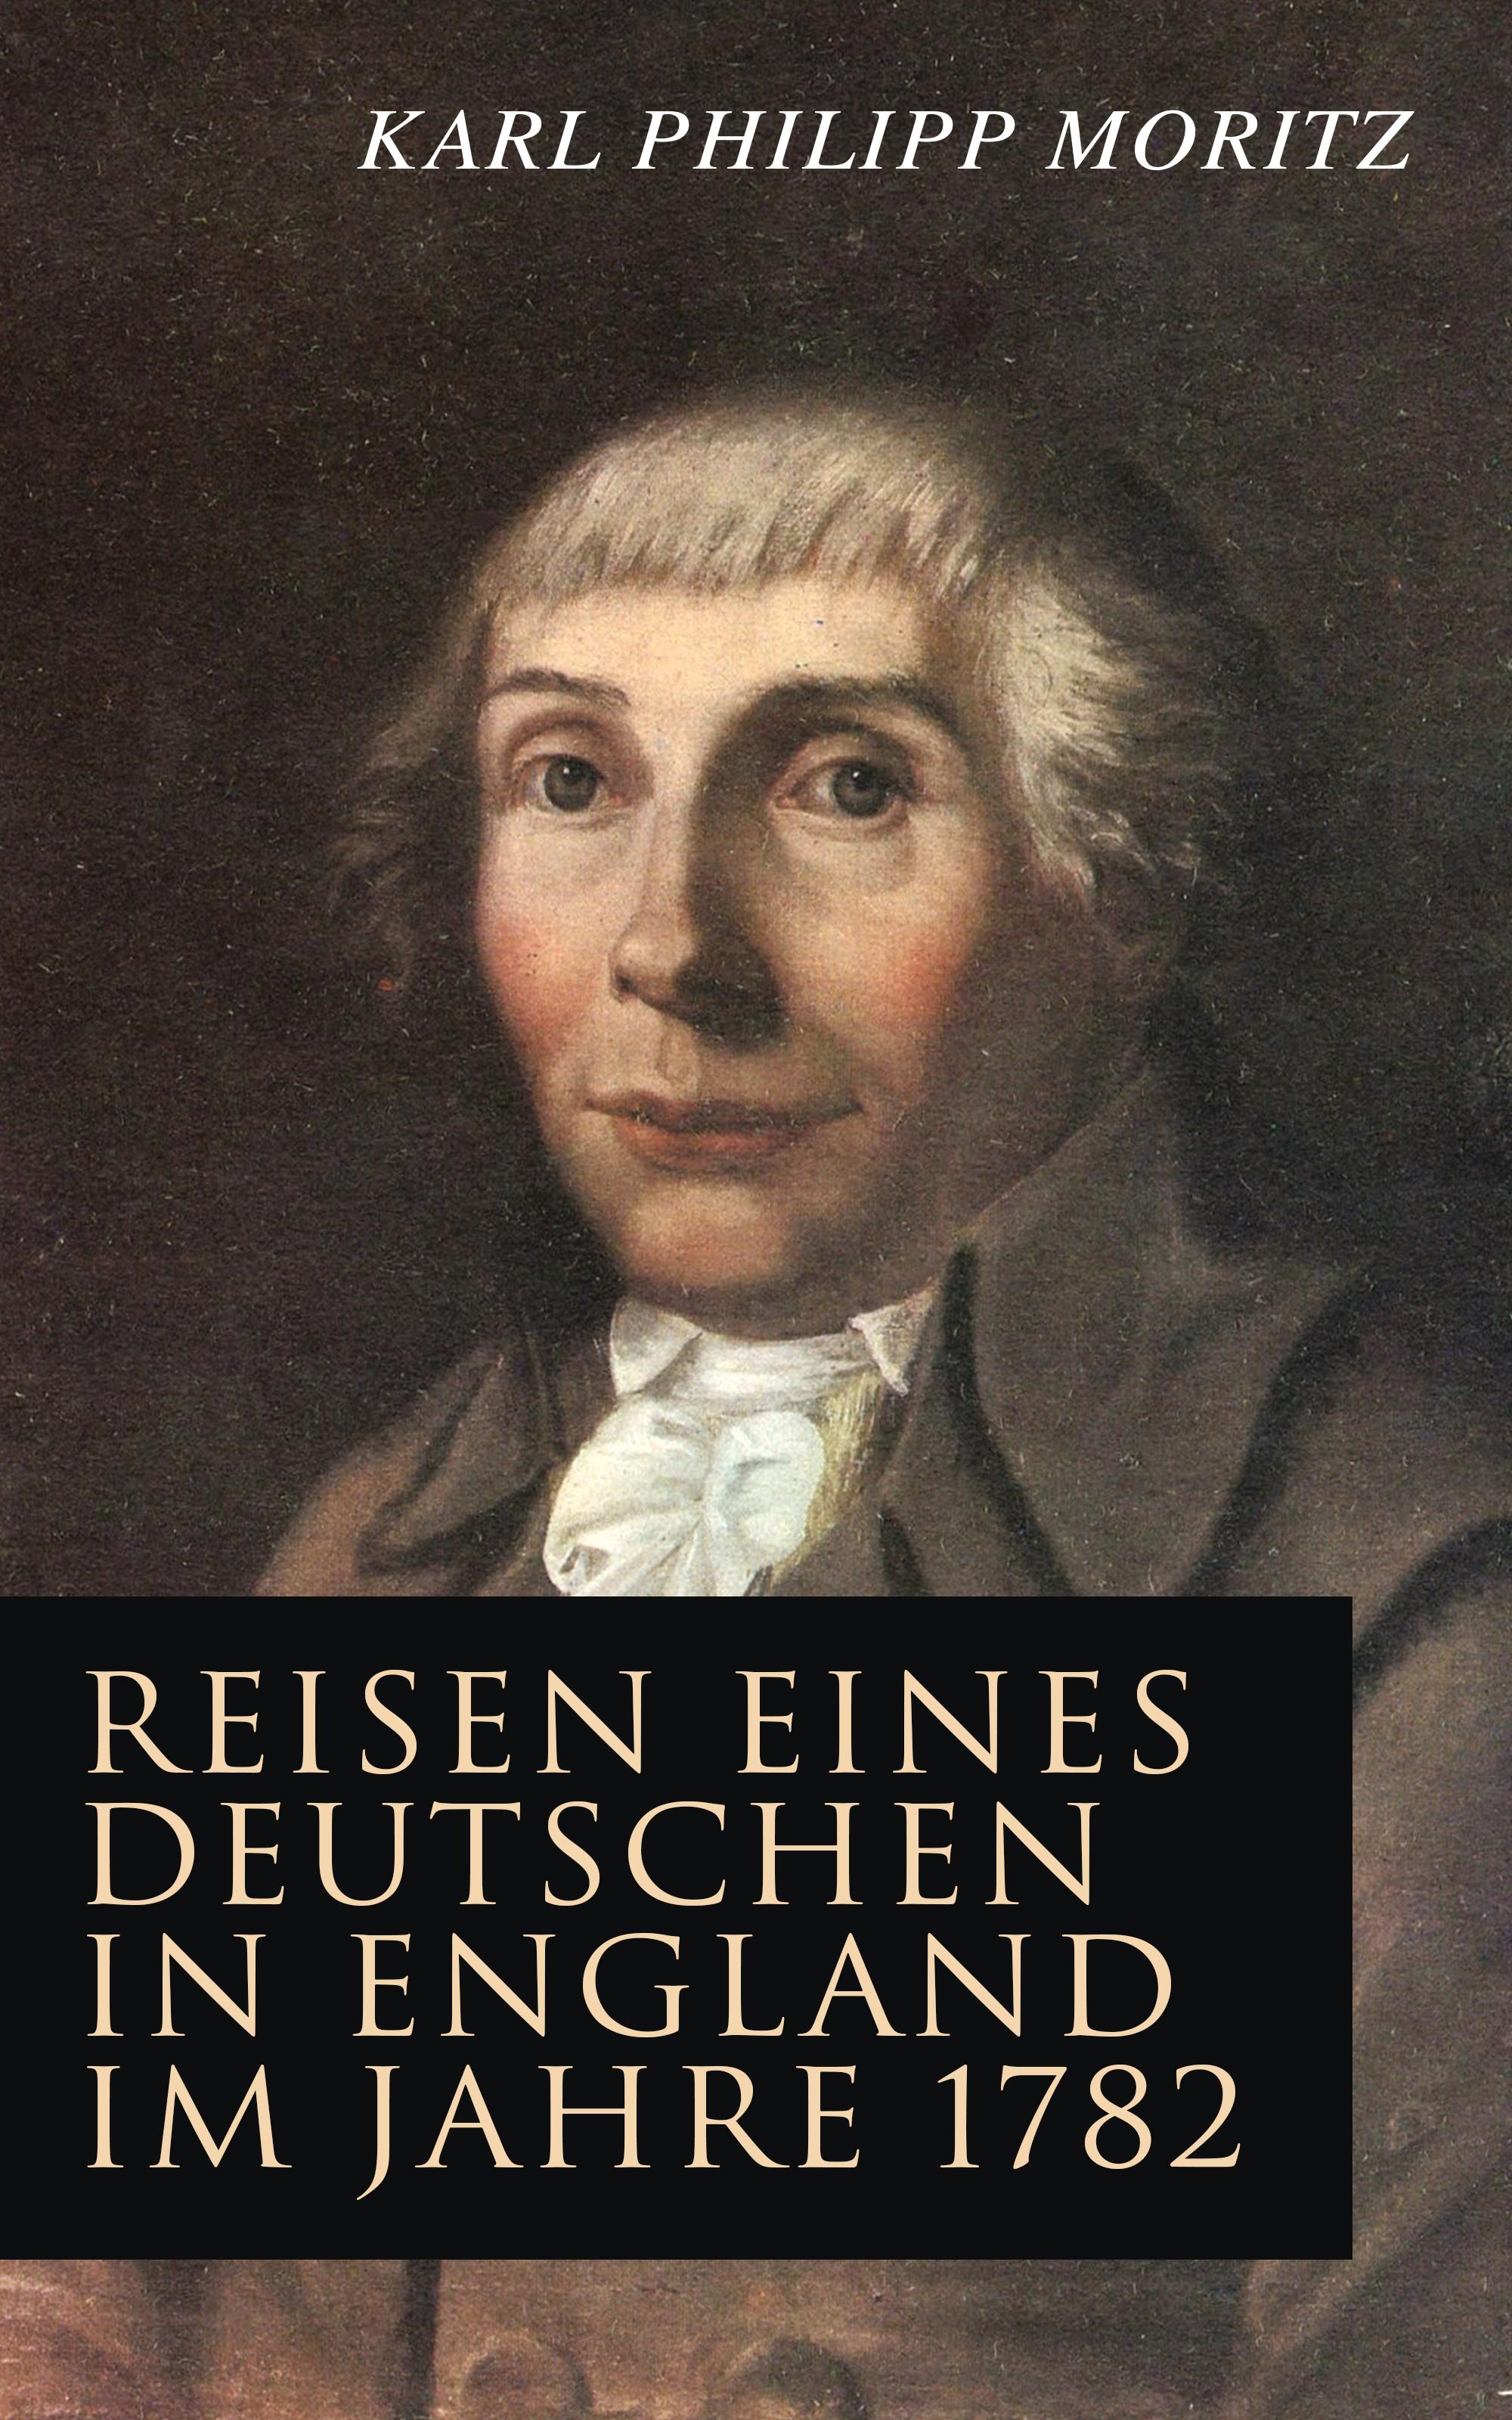 Karl Philipp Moritz Reisen eines Deutschen in England im Jahre 1782 защитная пленка fullscreen film 3d для huawei honor view 10 v10 anyscreen